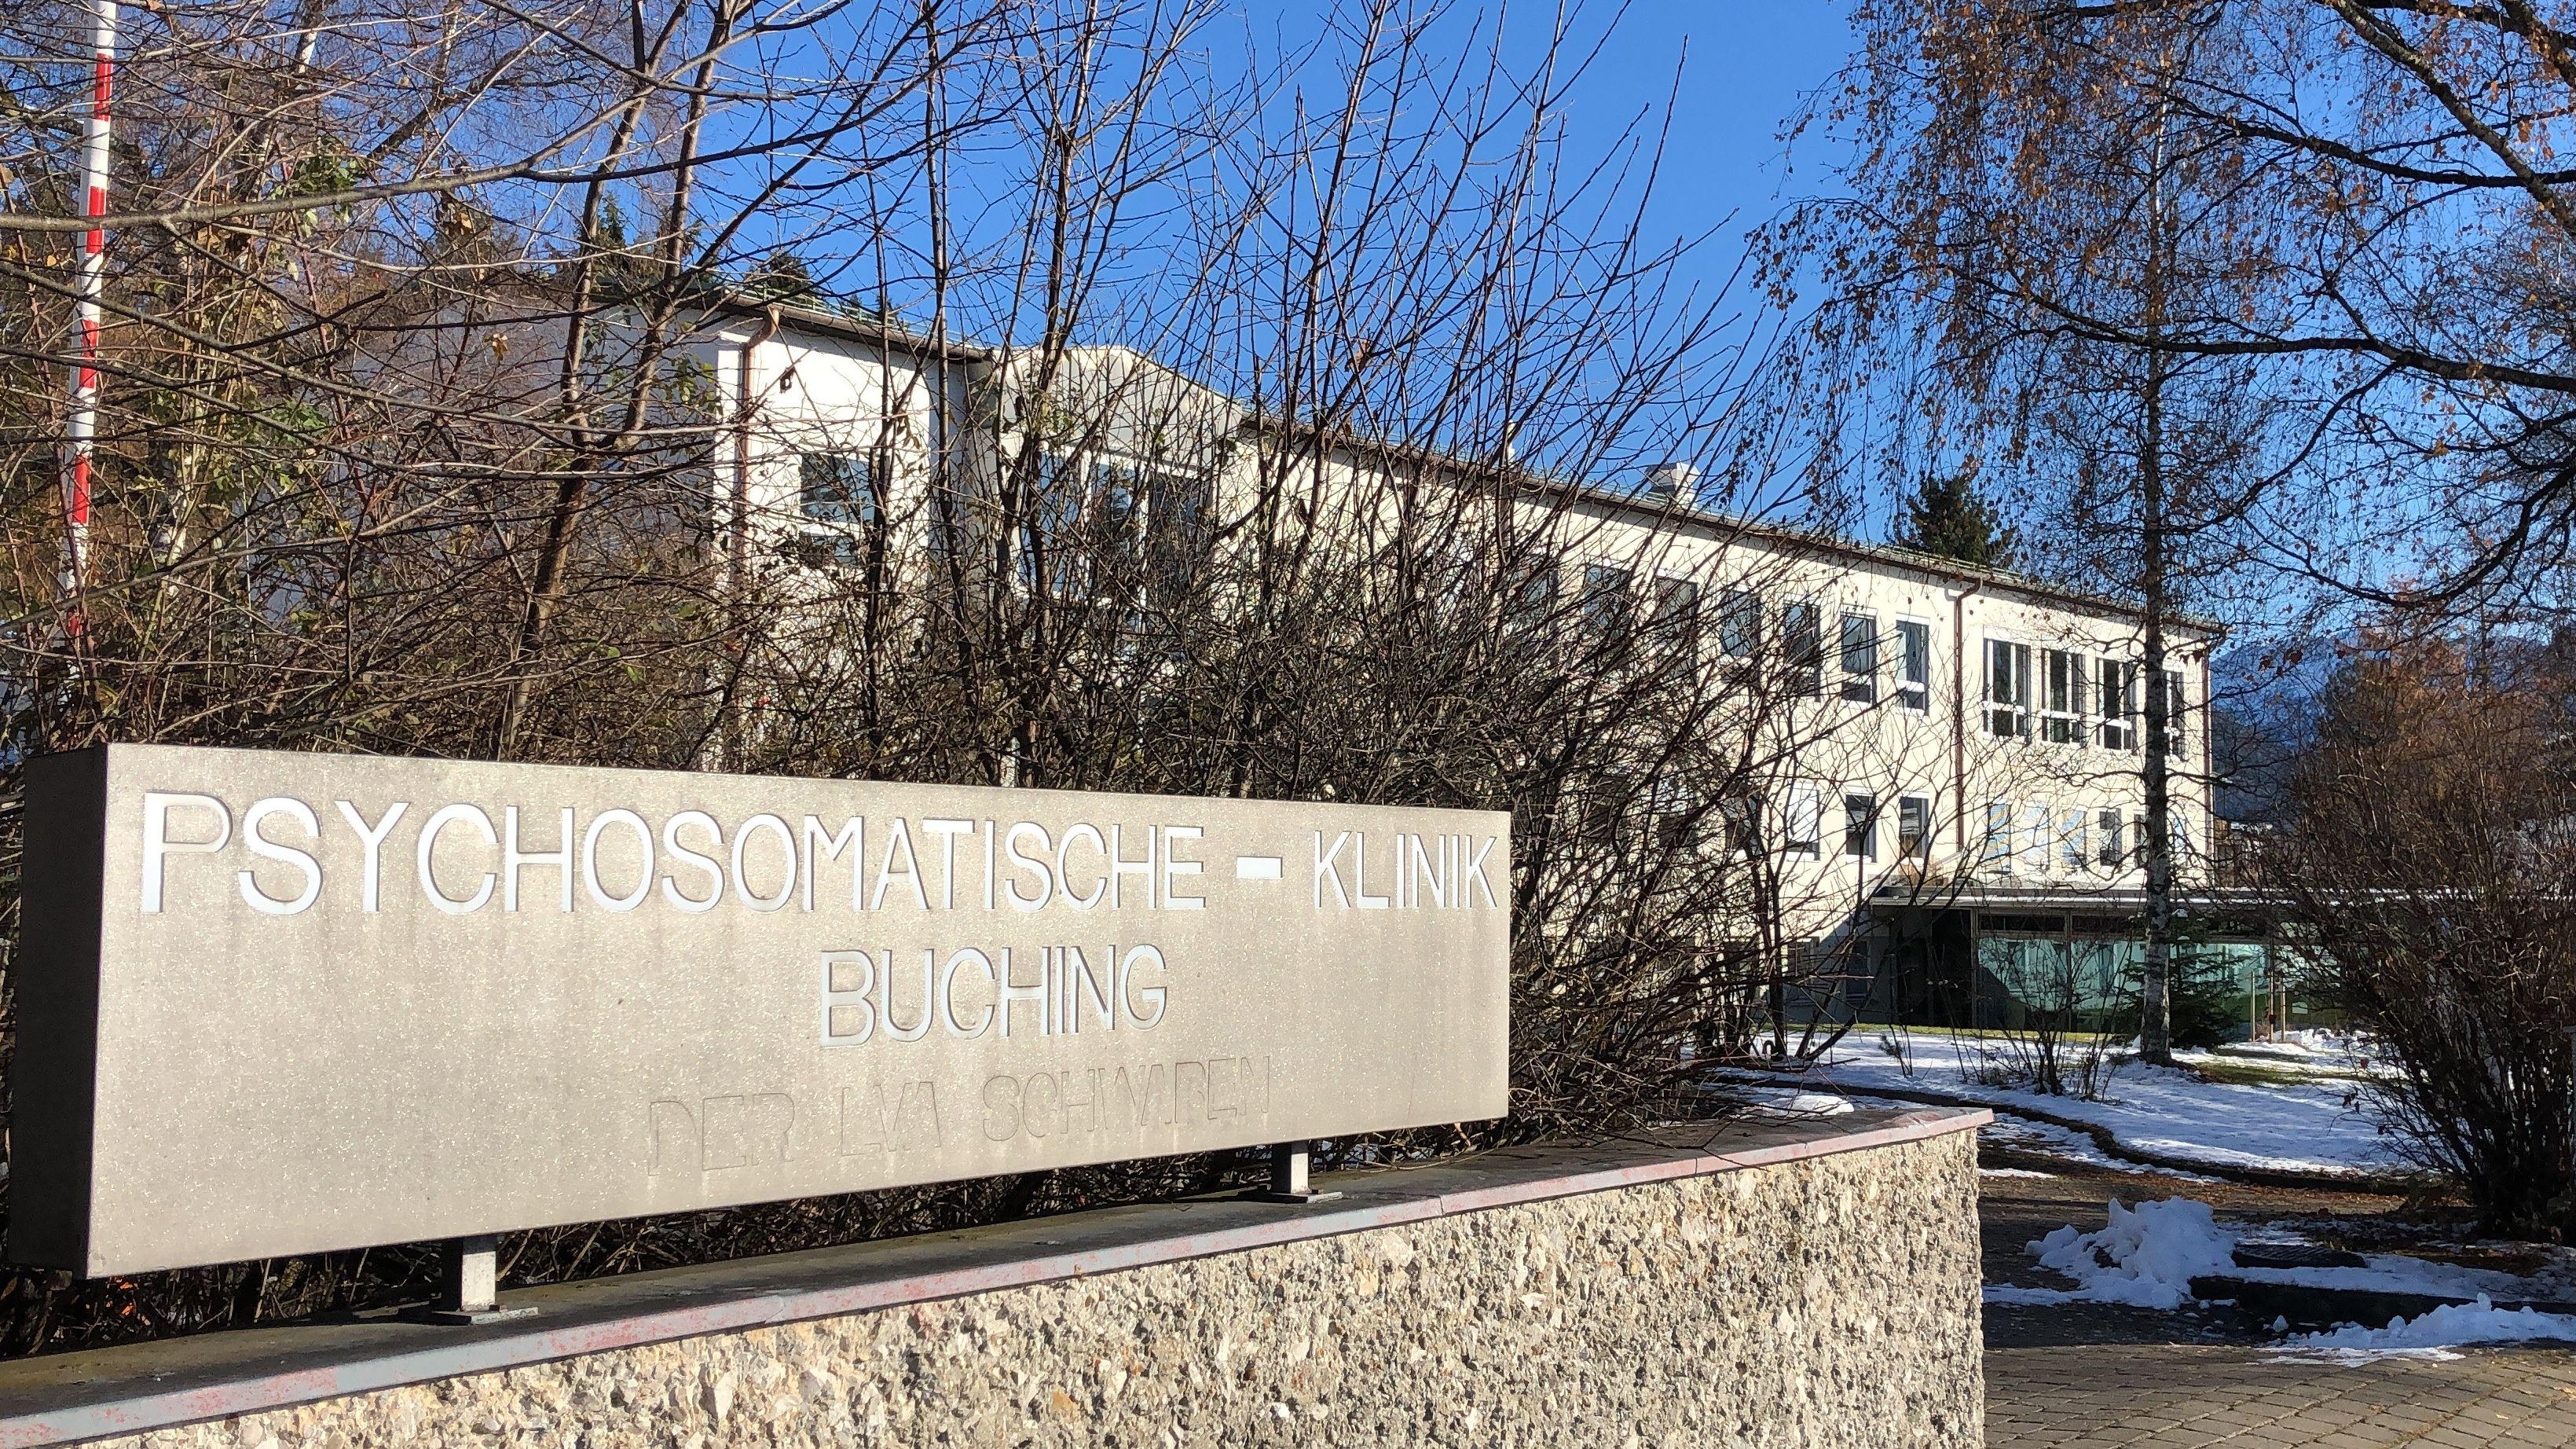 Psychosomatische Klinik in Buching